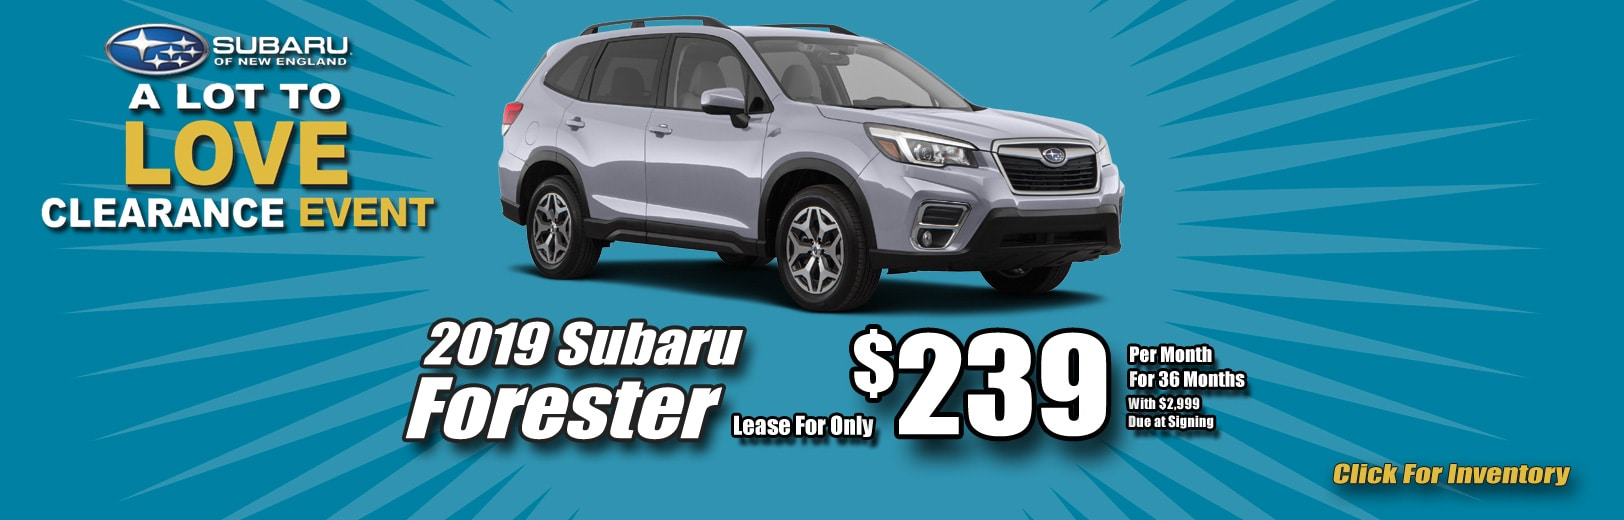 Subaru Of New England >> Subaru Of New England Subaru Distributorship For The Six